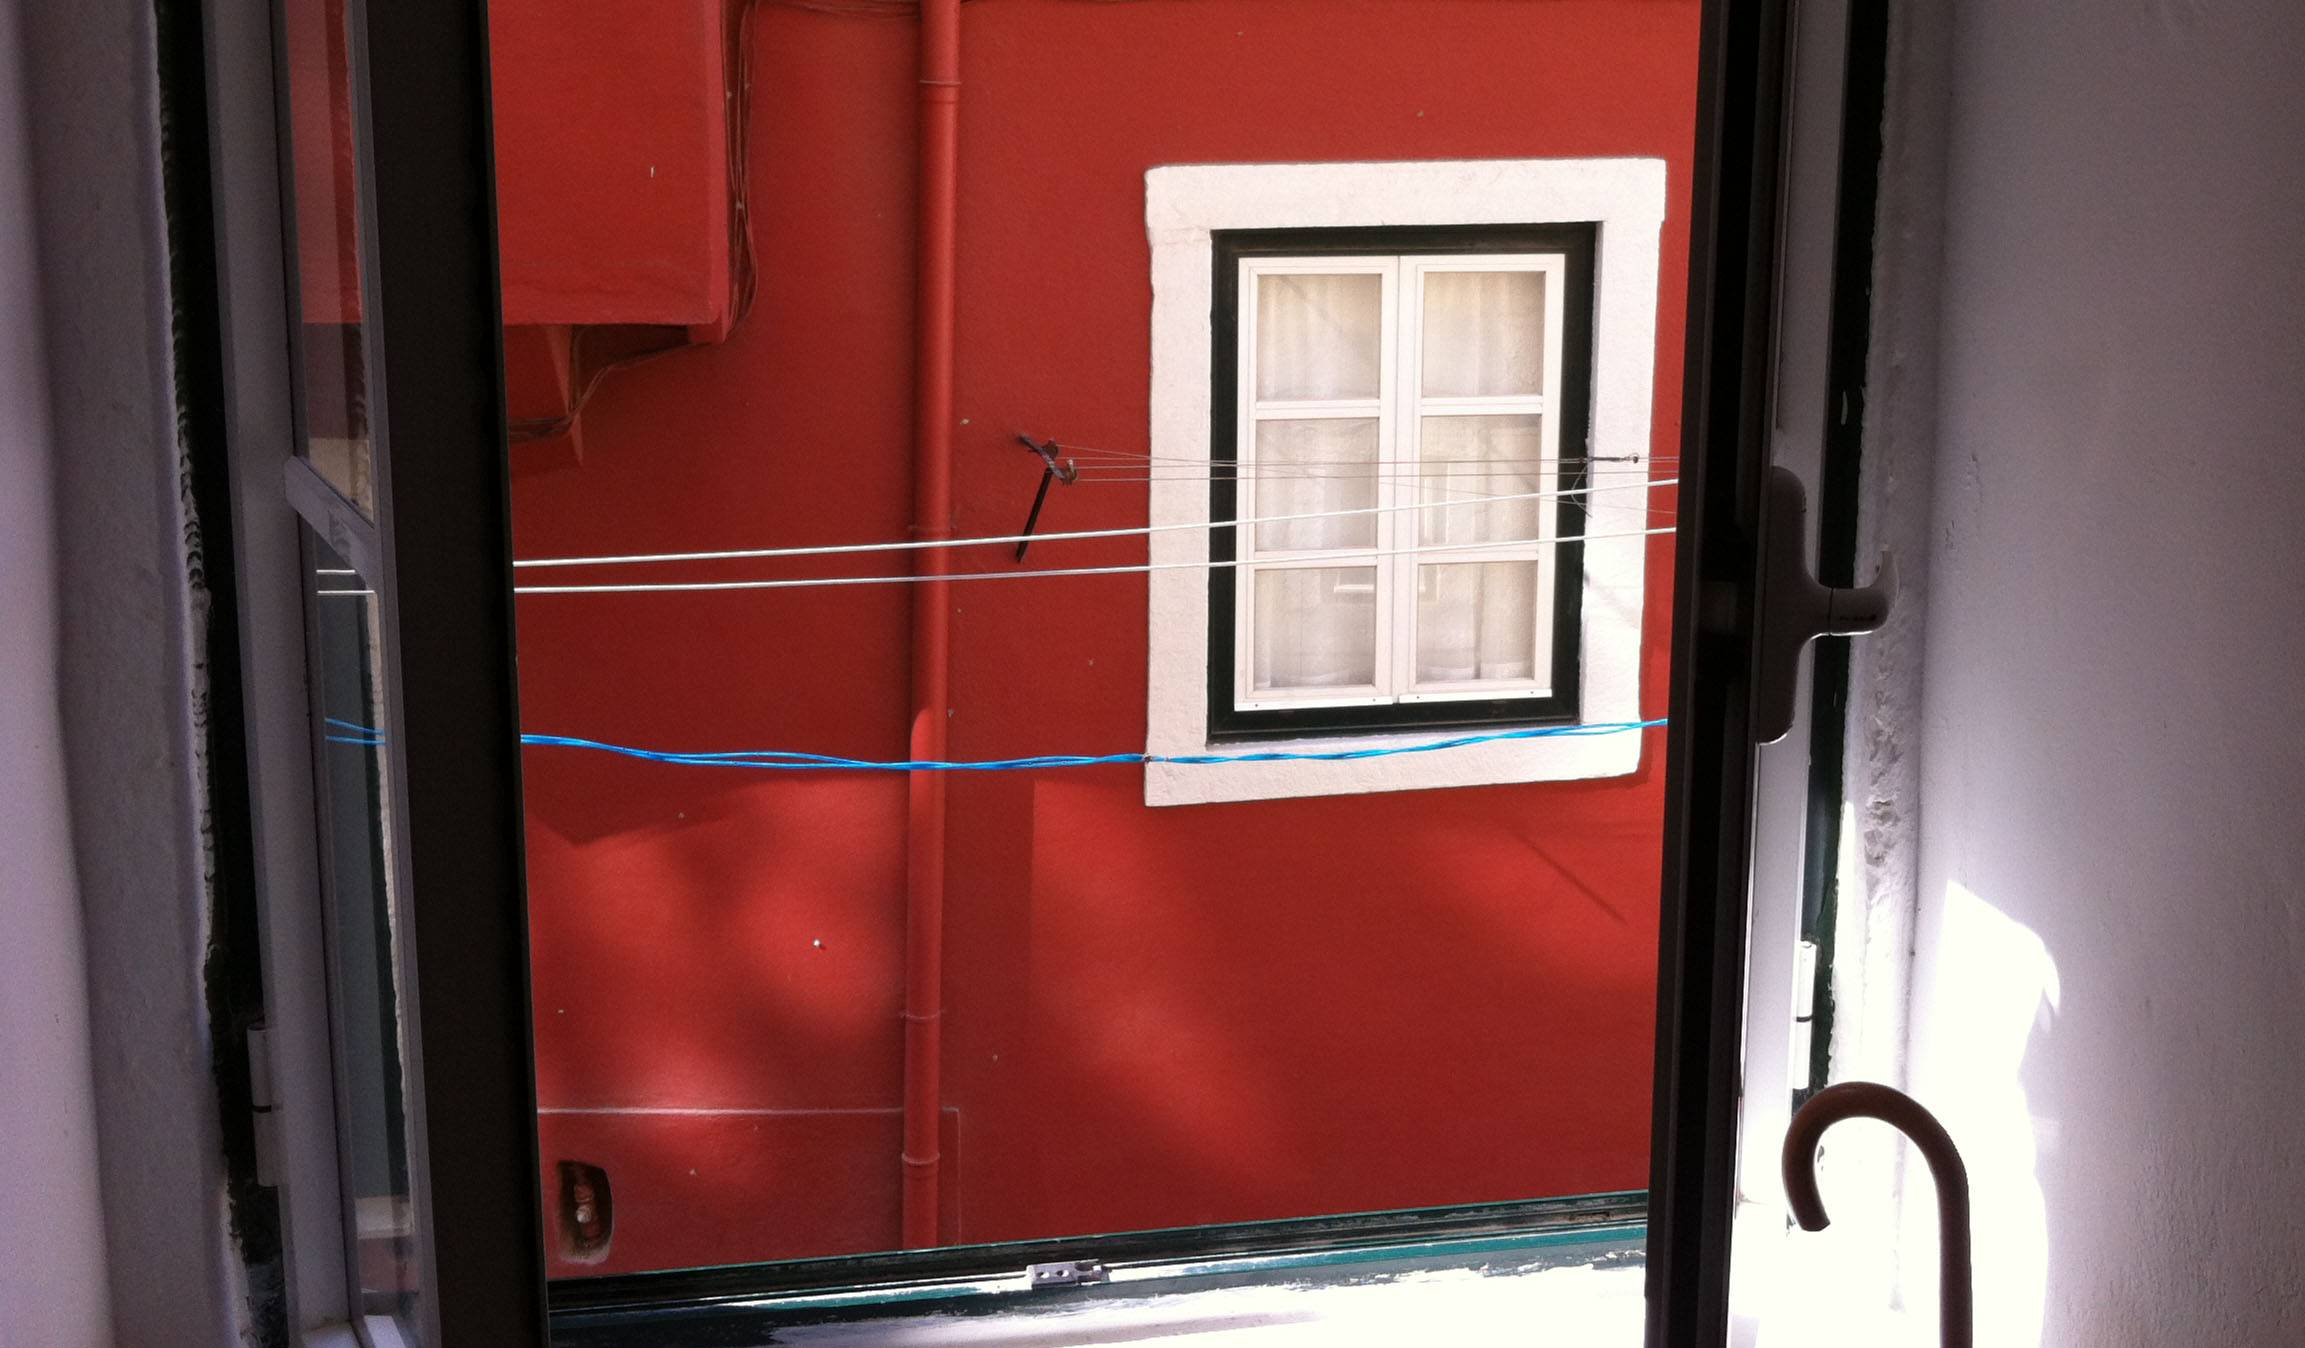 Lisbonne (Portugal), le 8 juin. Une escapade colorée dans la capitale du Portugal.